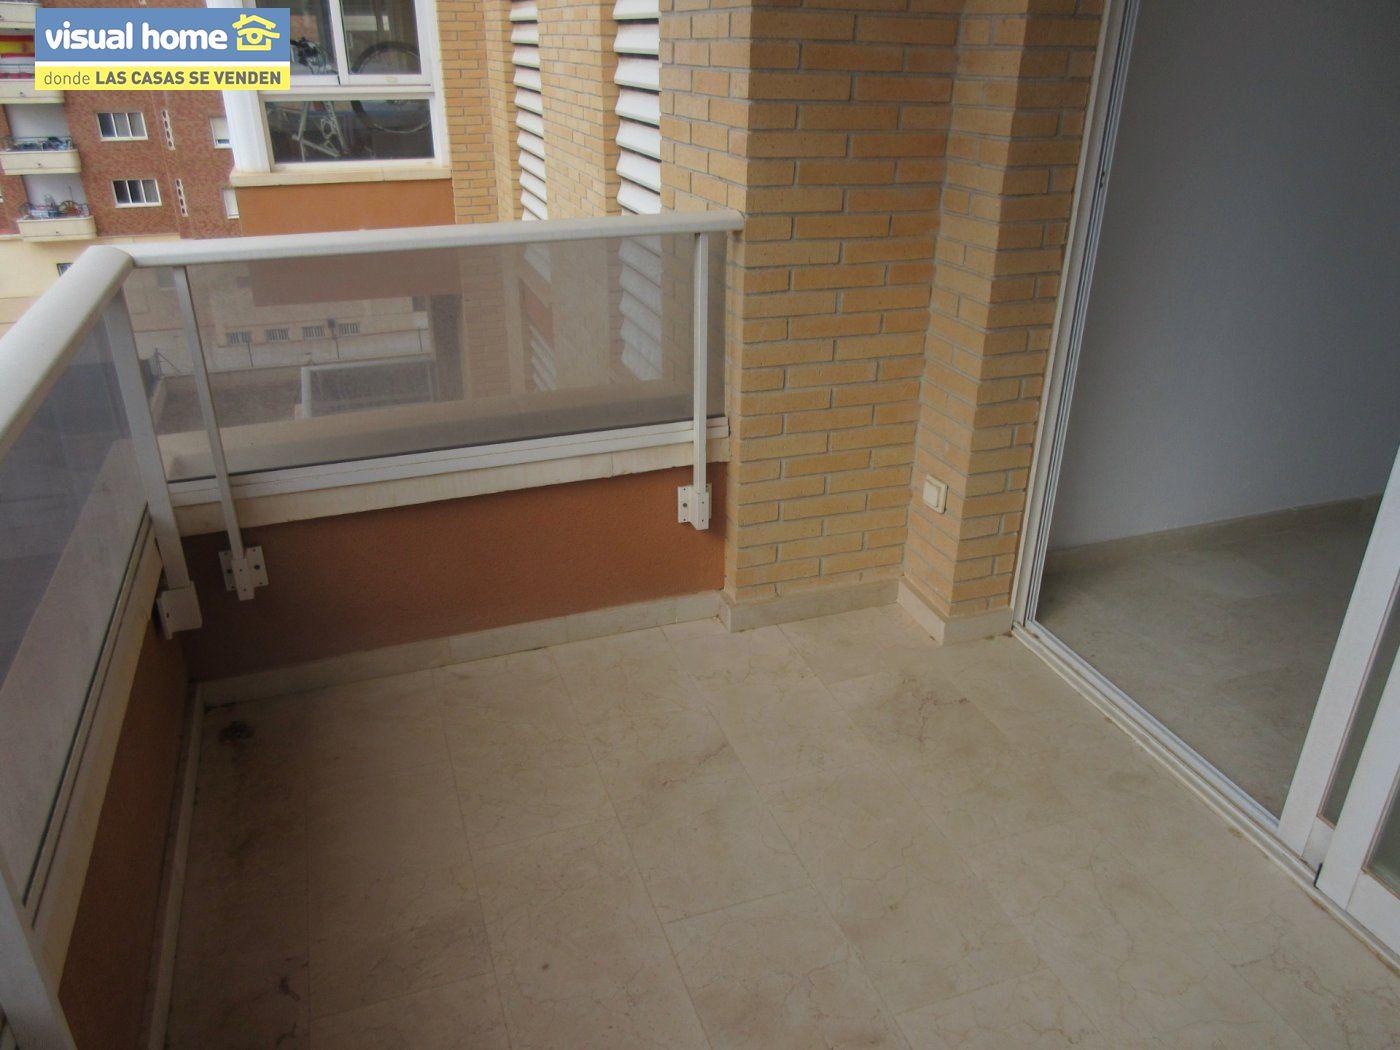 Apartamento nuevo a estrenar de  1 dormitorio(posible 2º) con garaje y piscina en Rincón de Loix 6